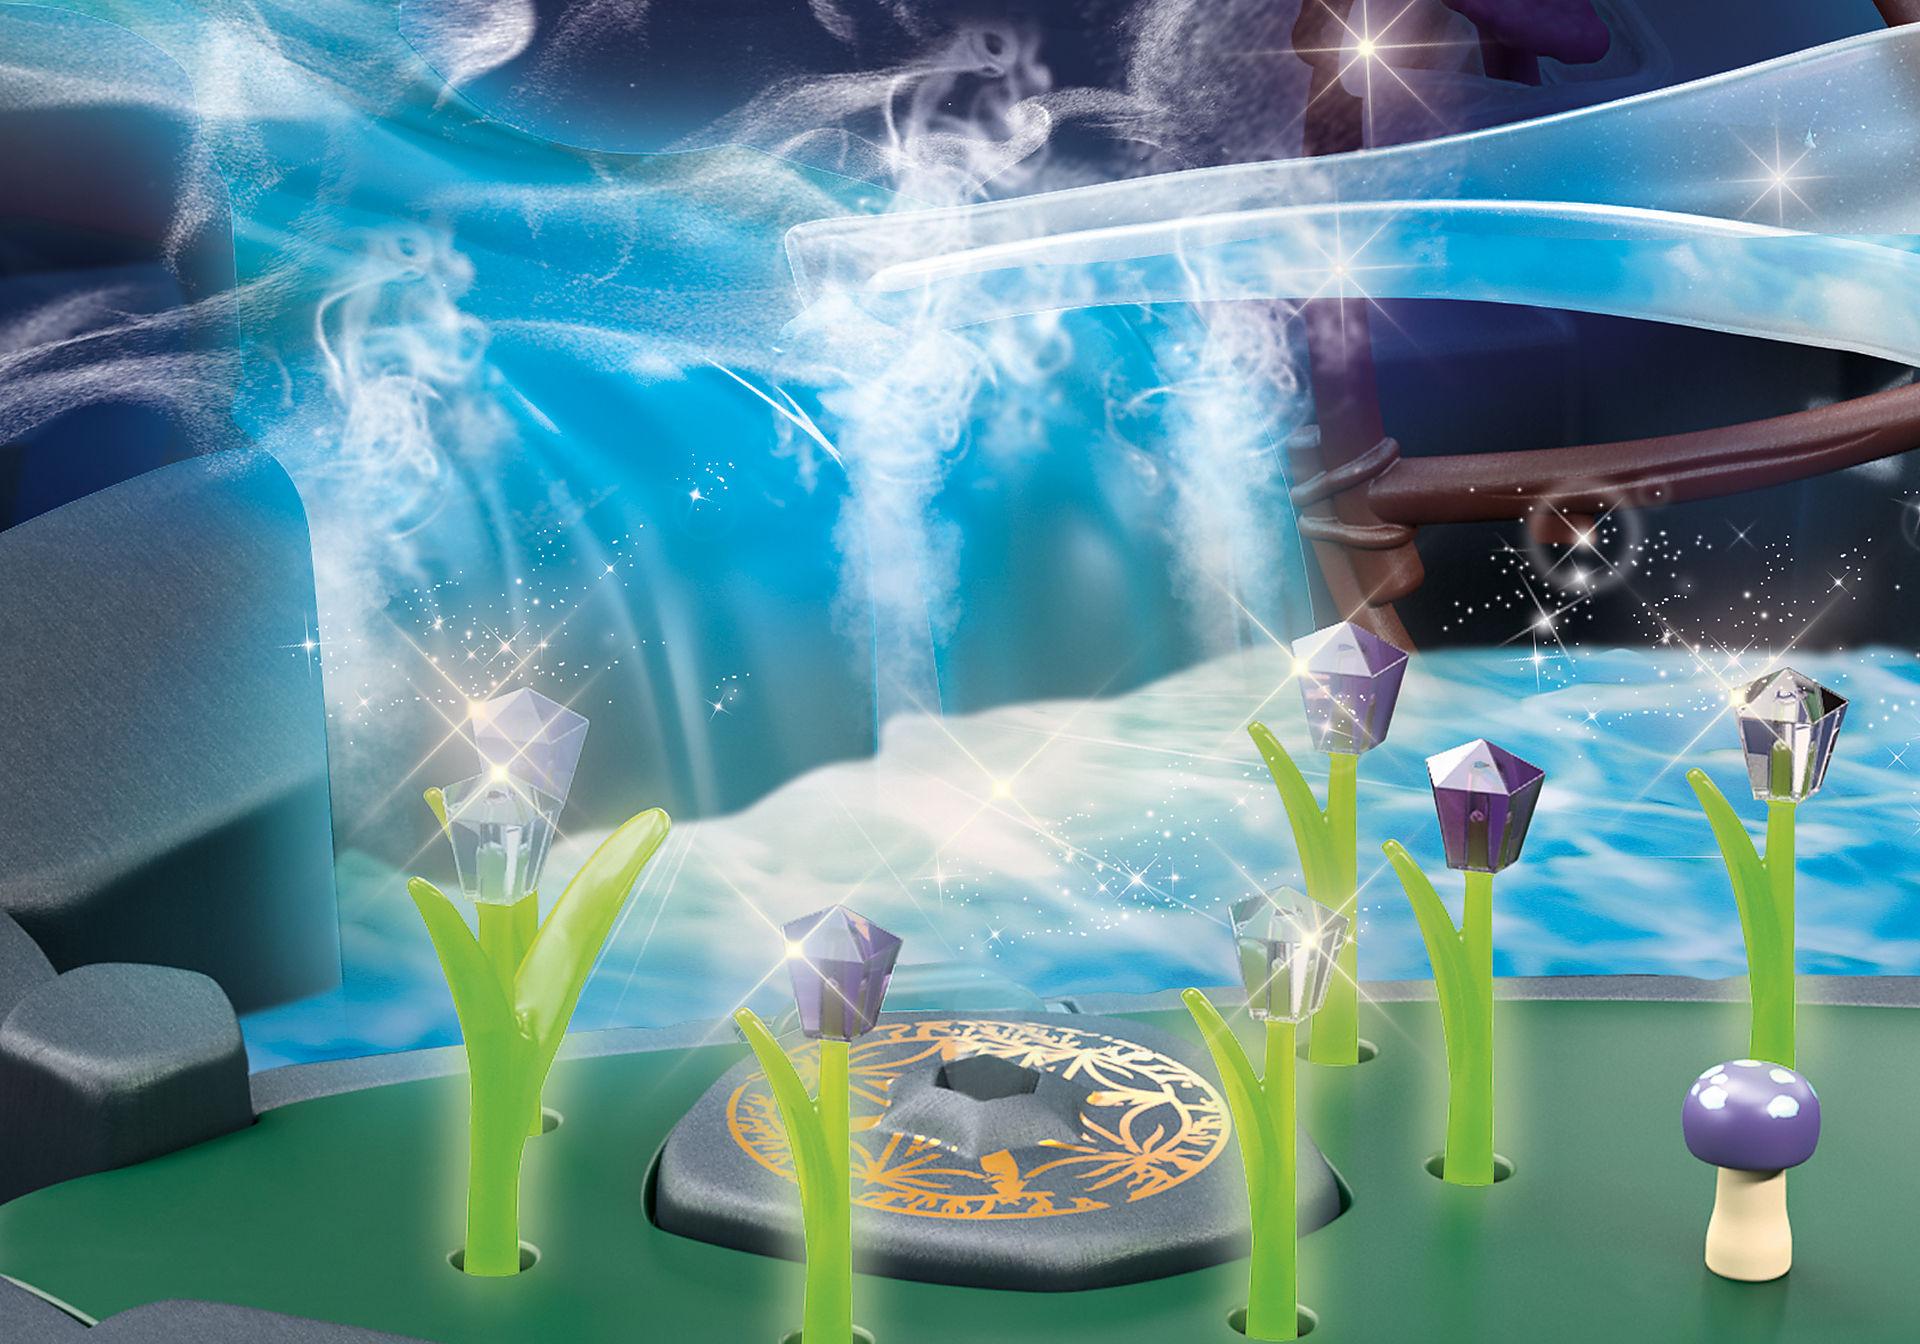 70800 Fonte de energia mágica zoom image8